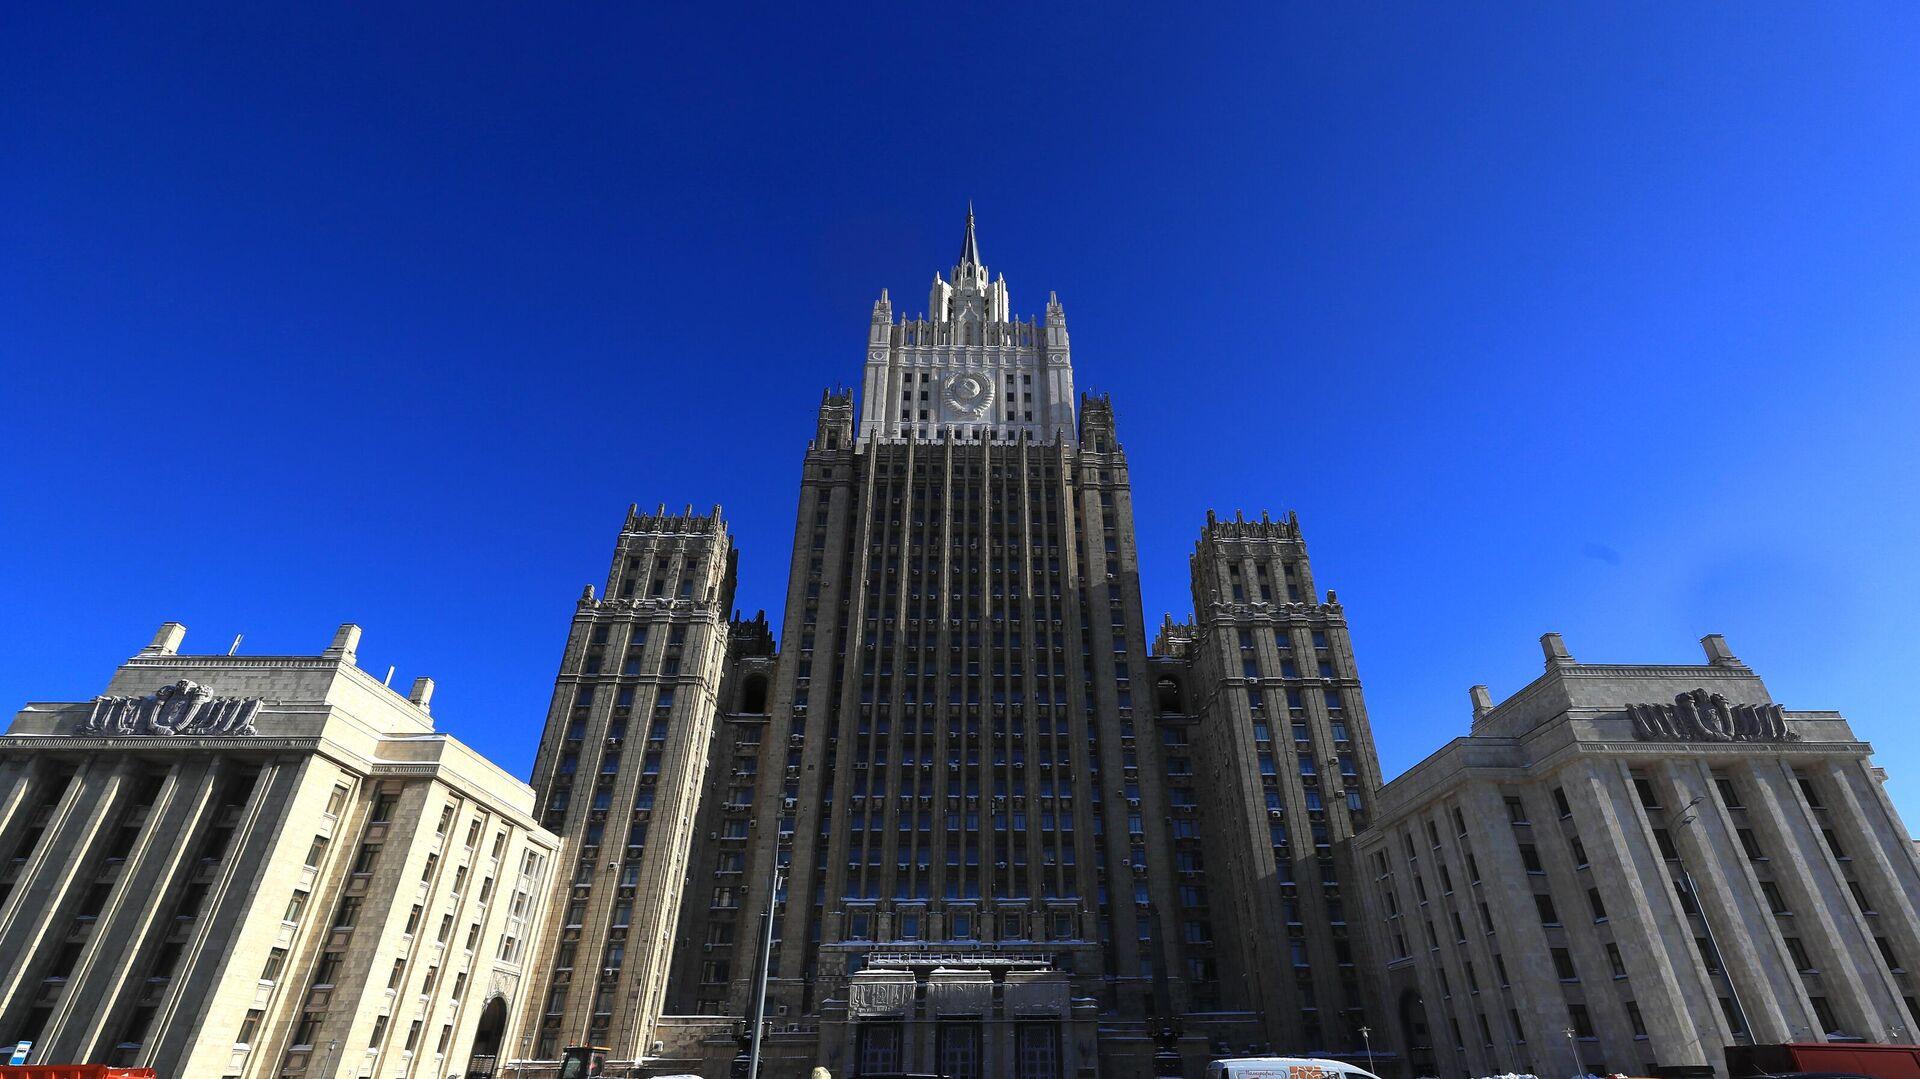 Здание Министерства иностранных дел РФ  - РИА Новости, 1920, 01.03.2021